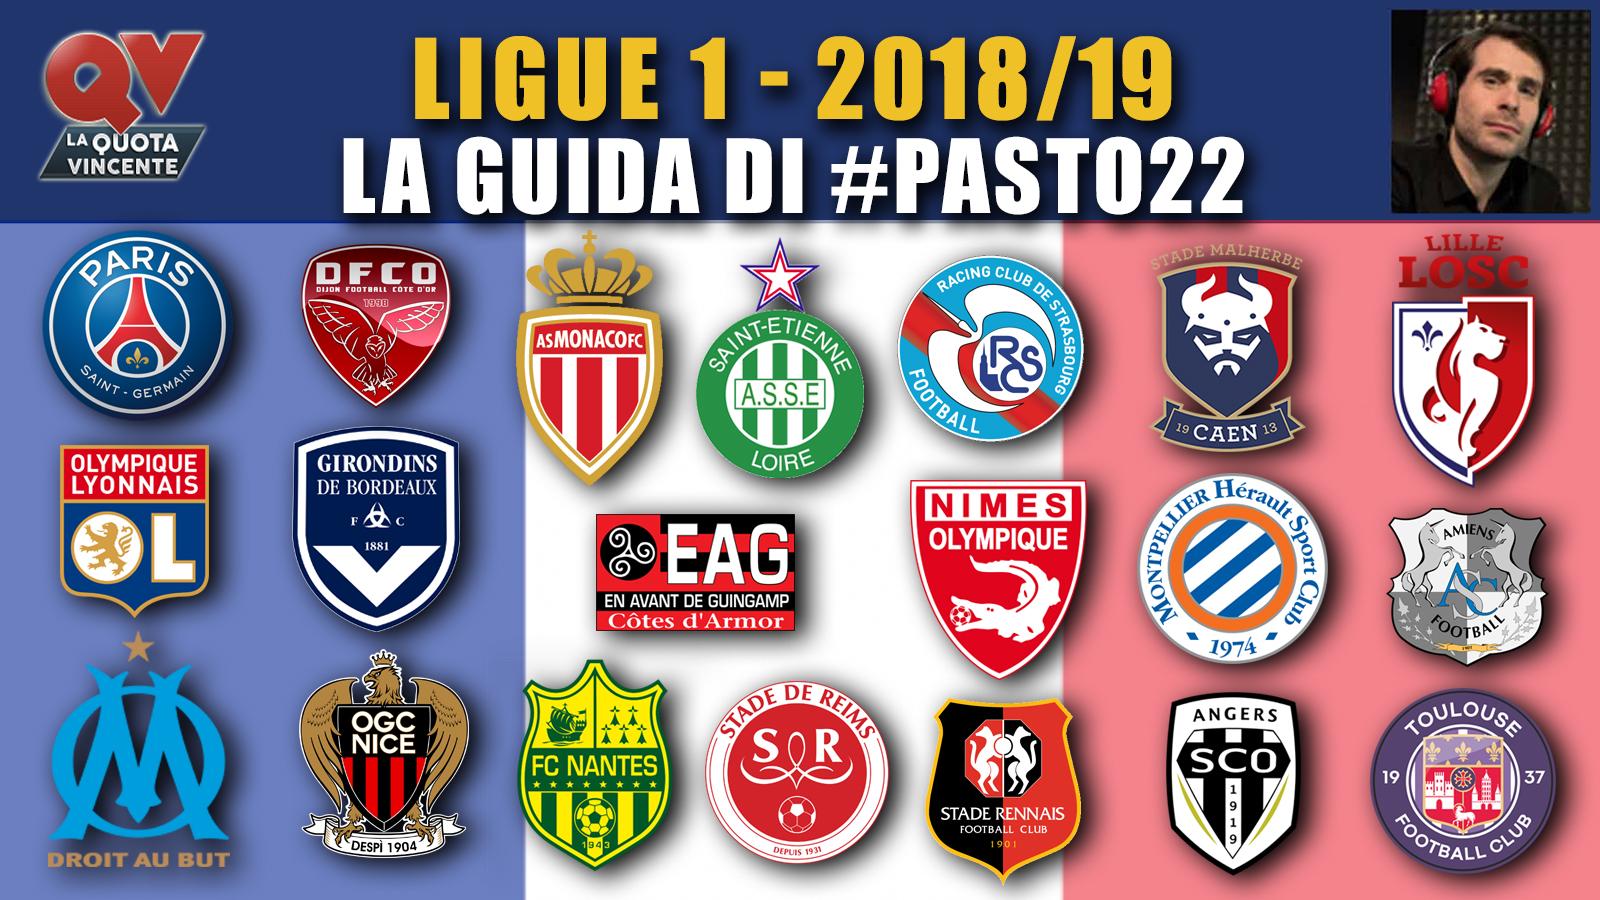 Probabili formazioni Ligue 1 pronostici 2018 2019